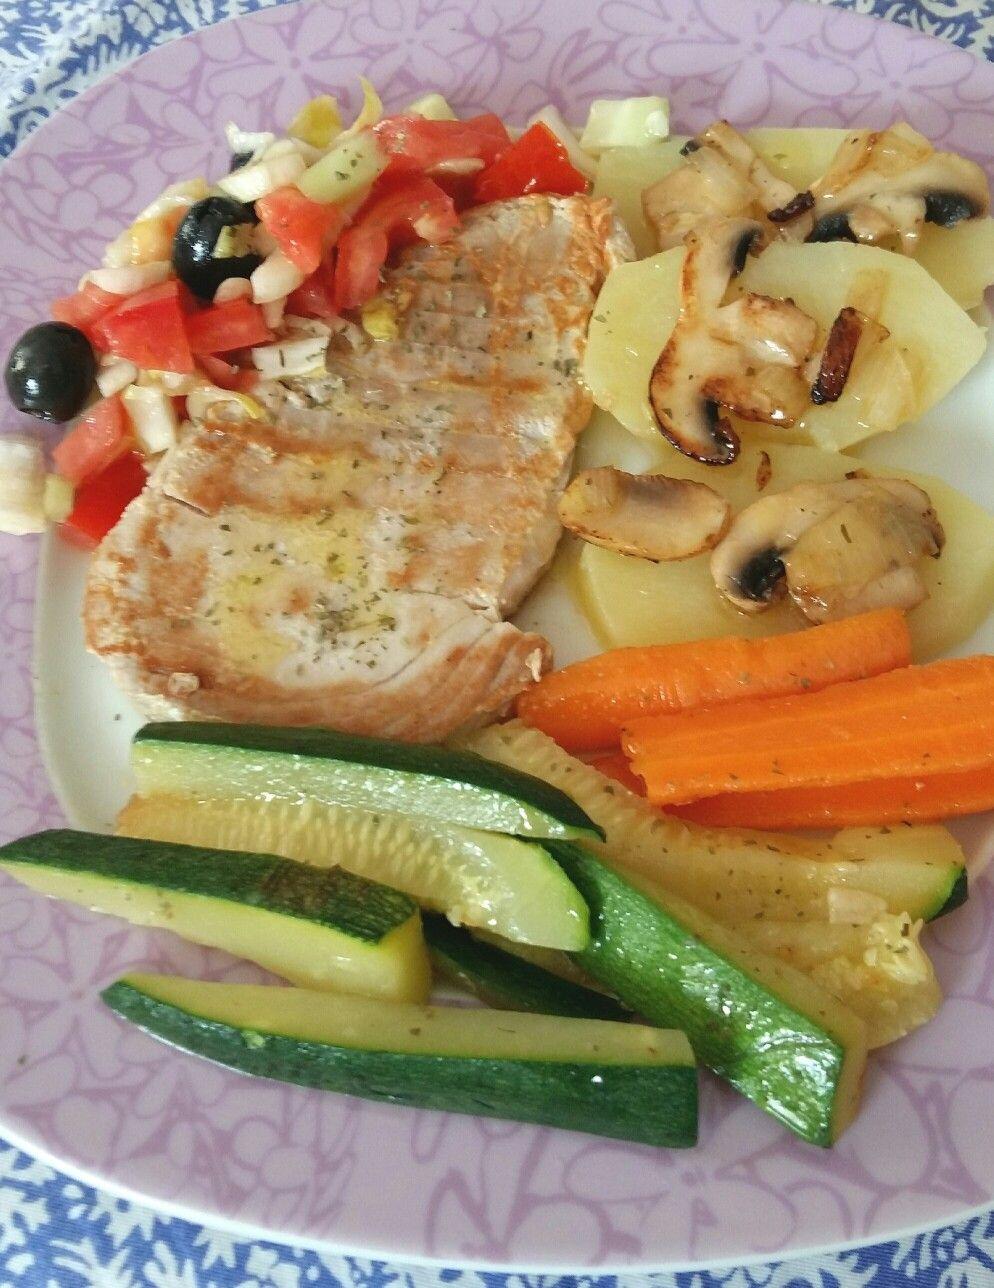 Delicioso bonito, con verduras. Saludable.